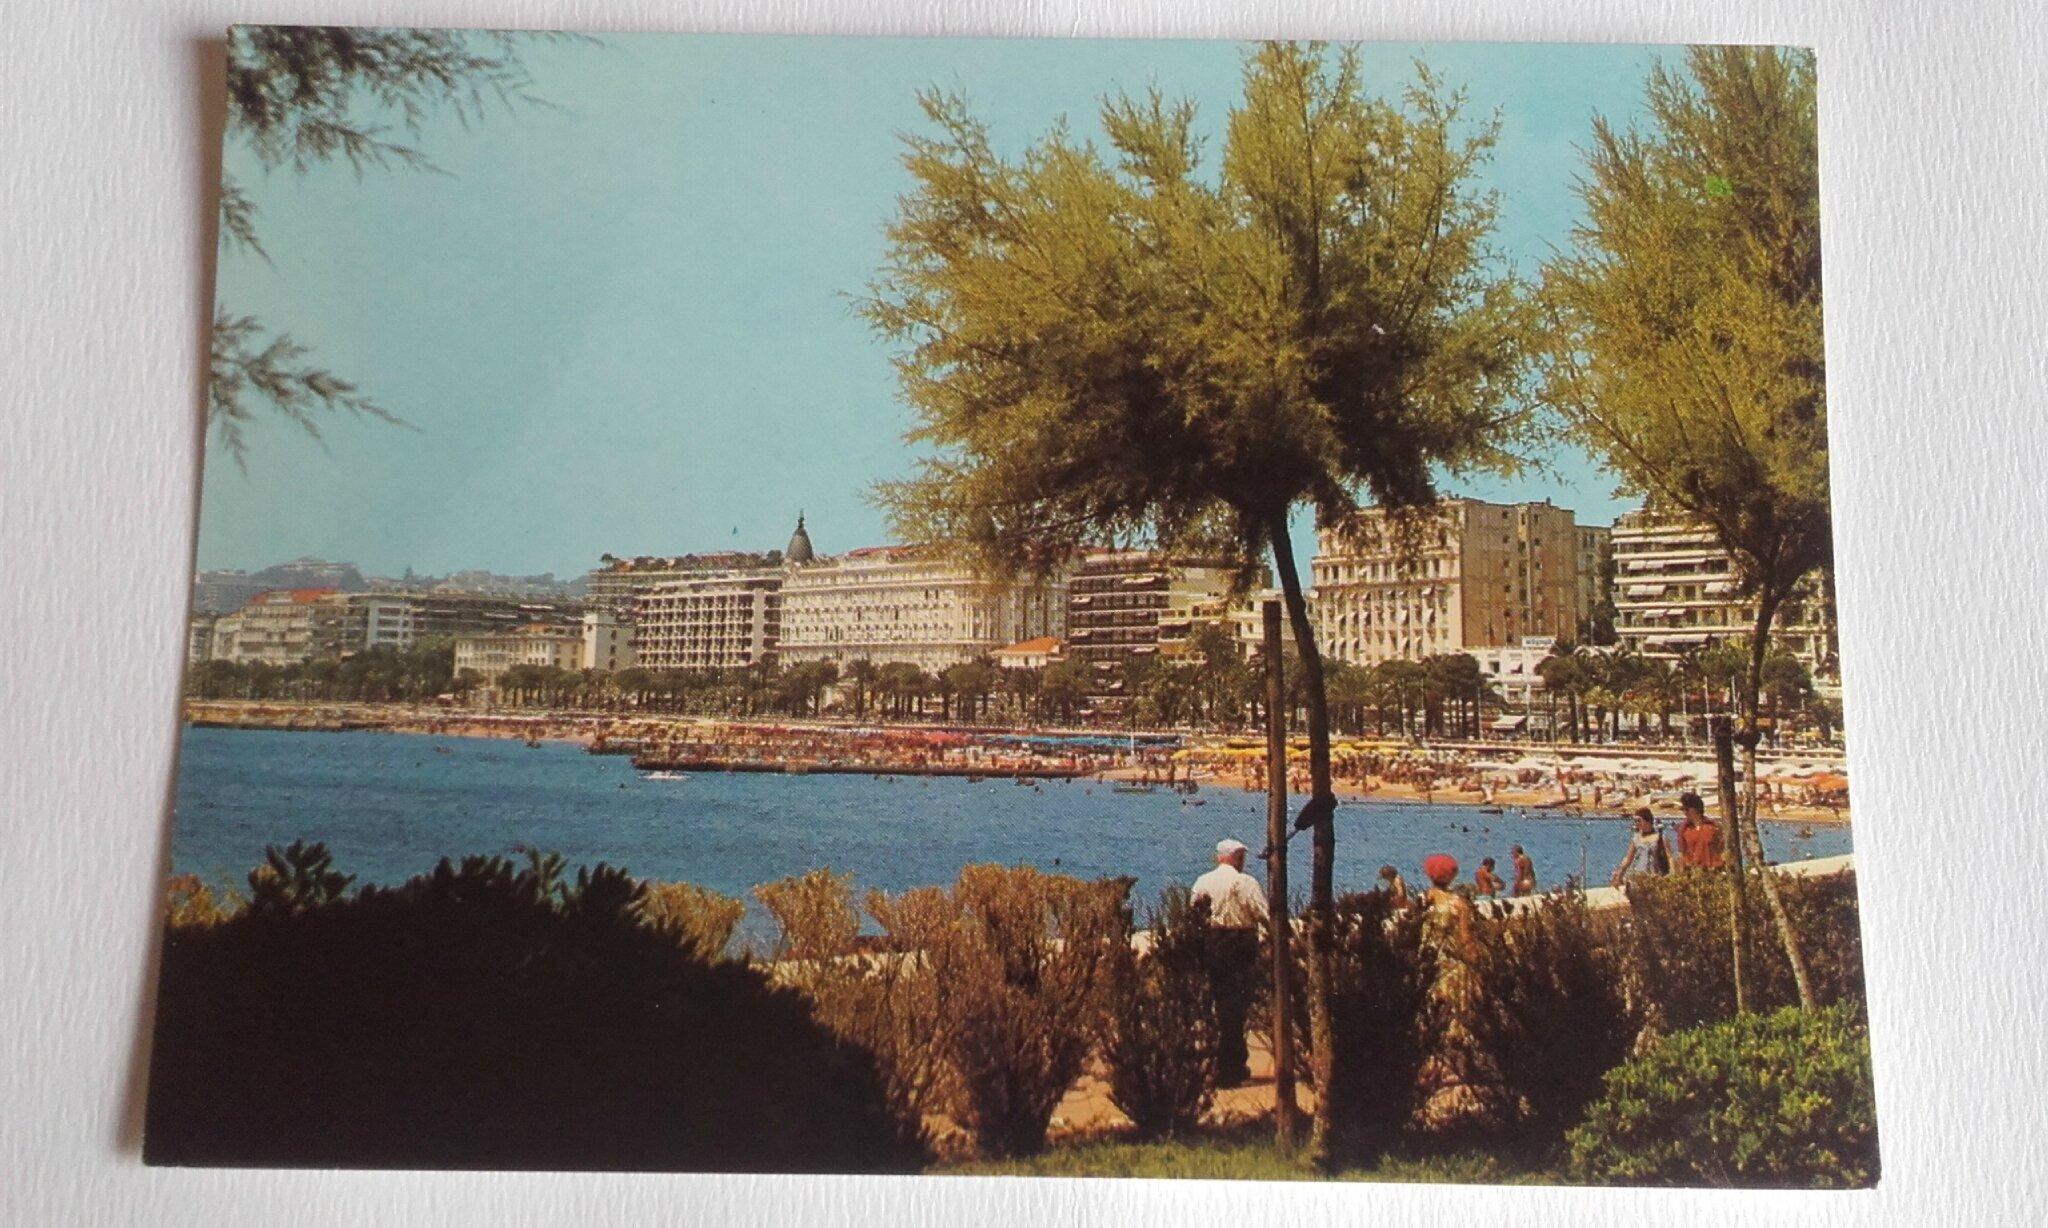 Cannes 1 La croisette